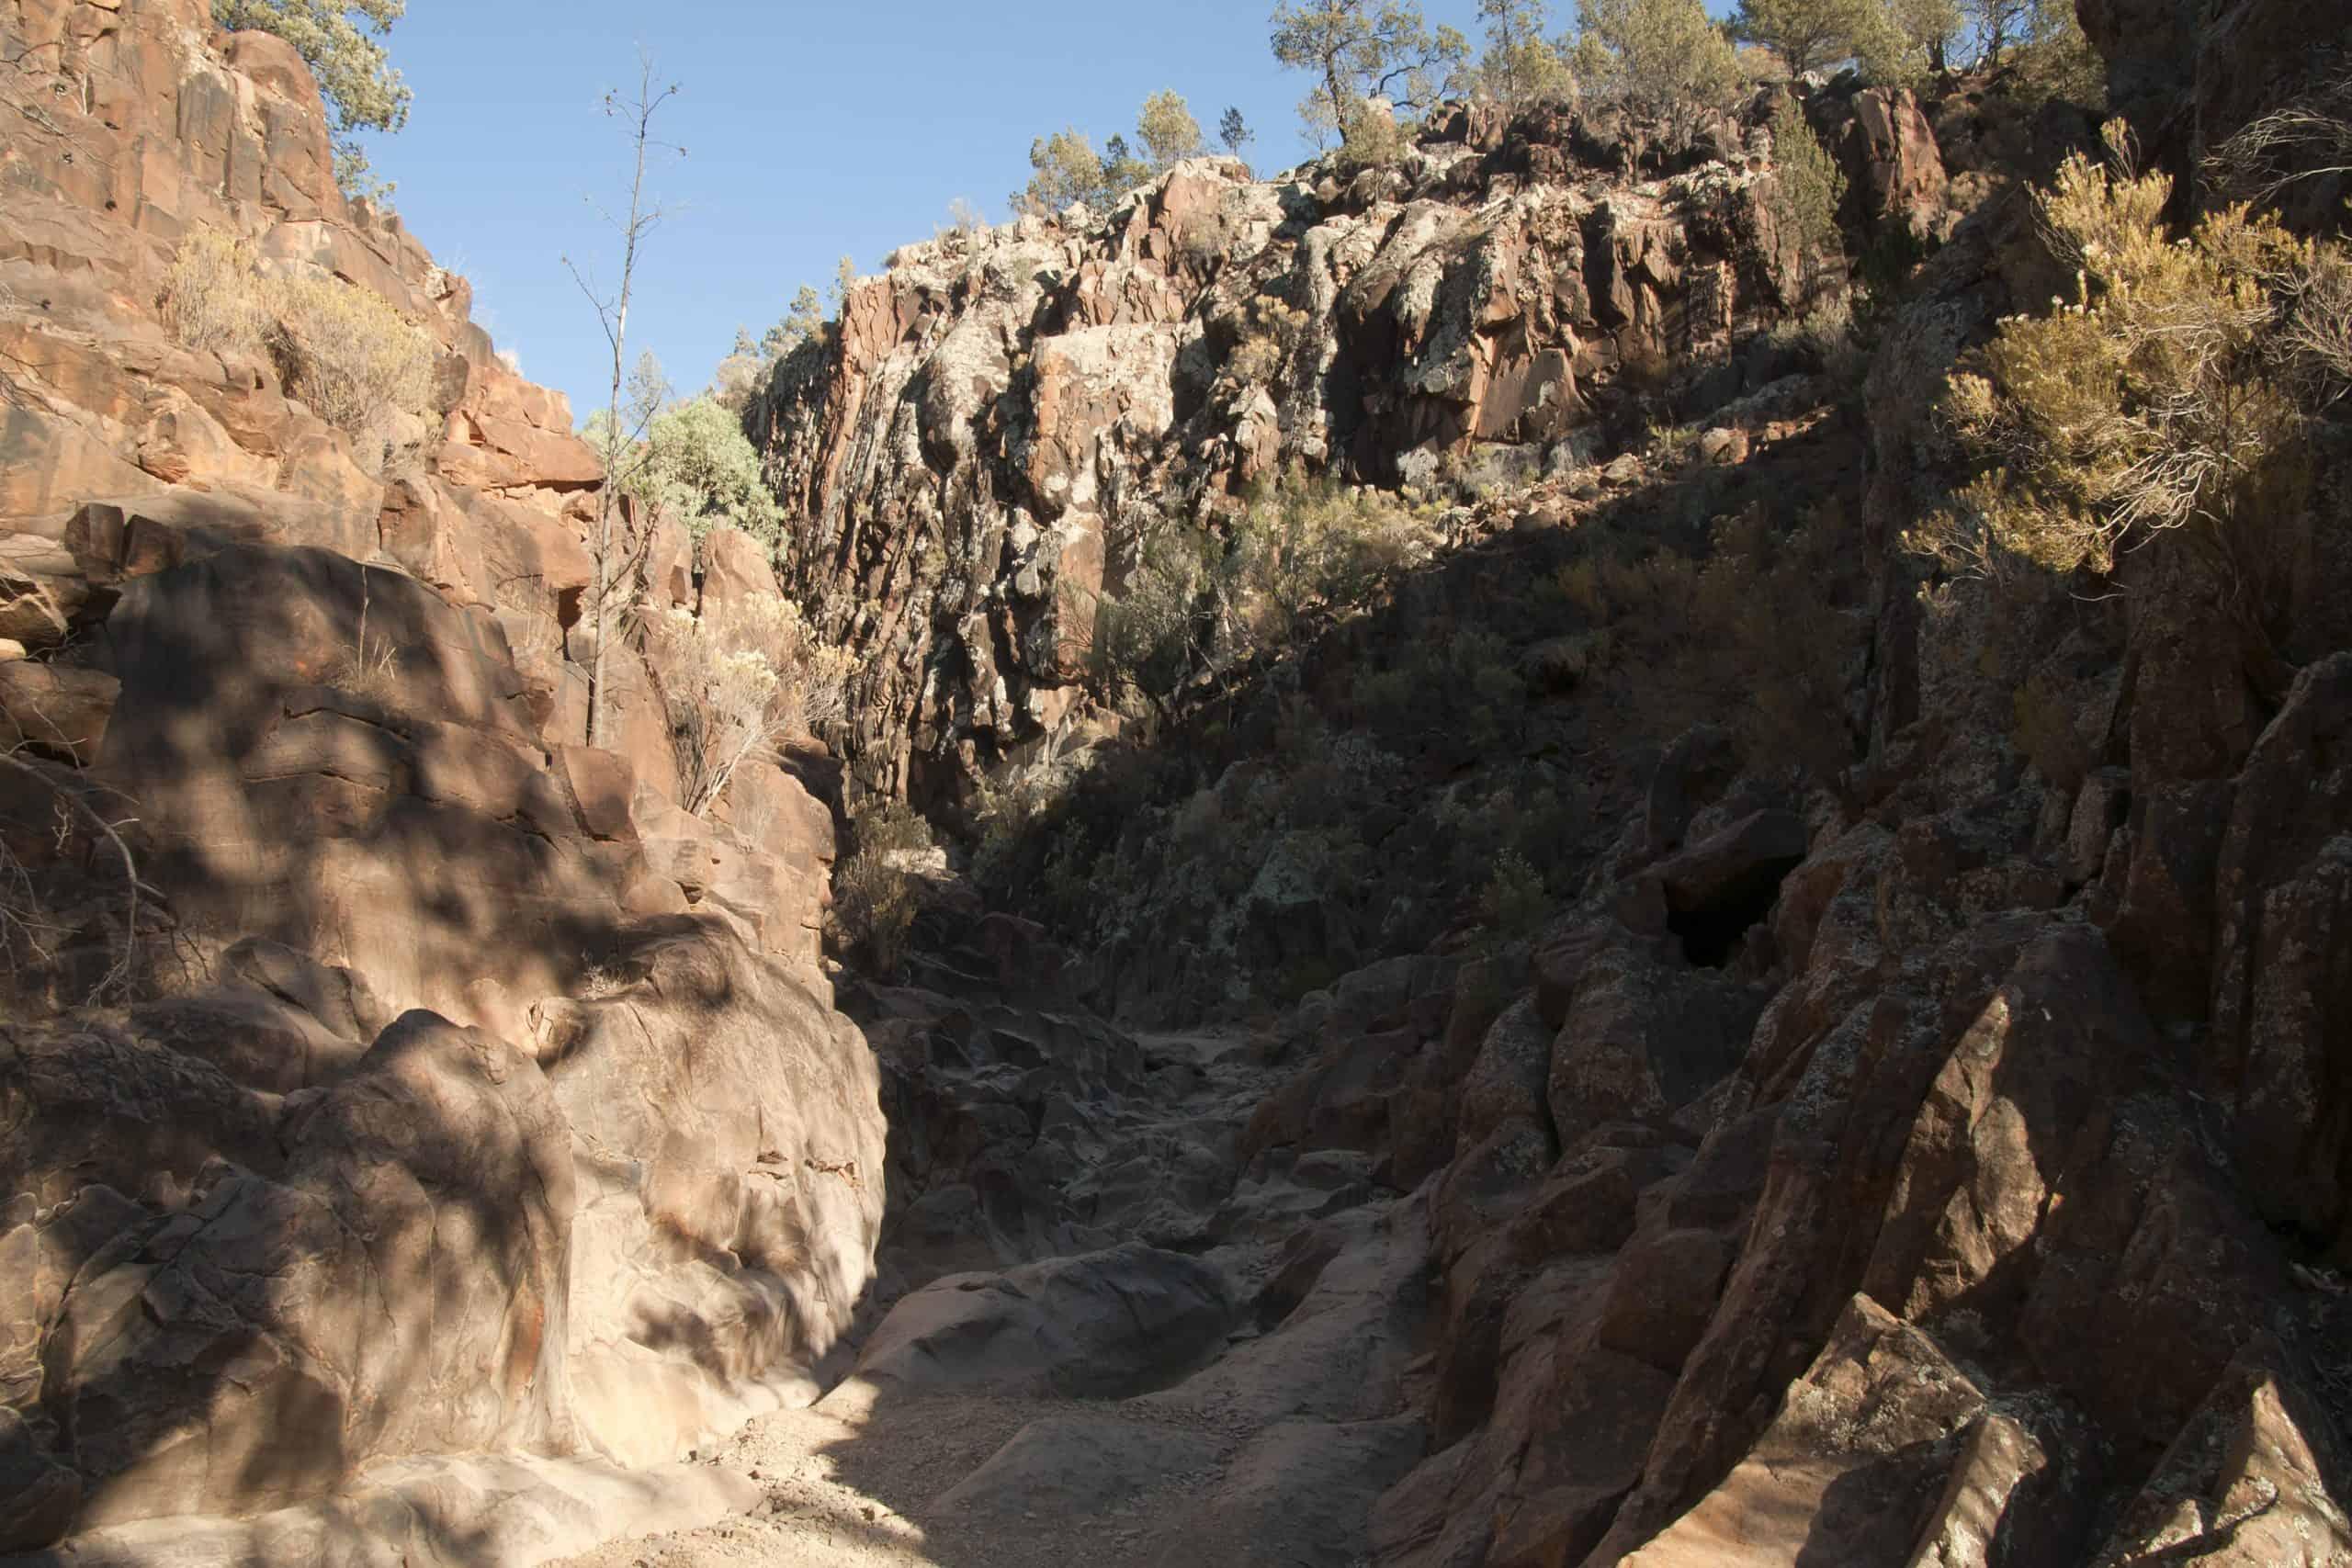 Sacred Canyon landscape